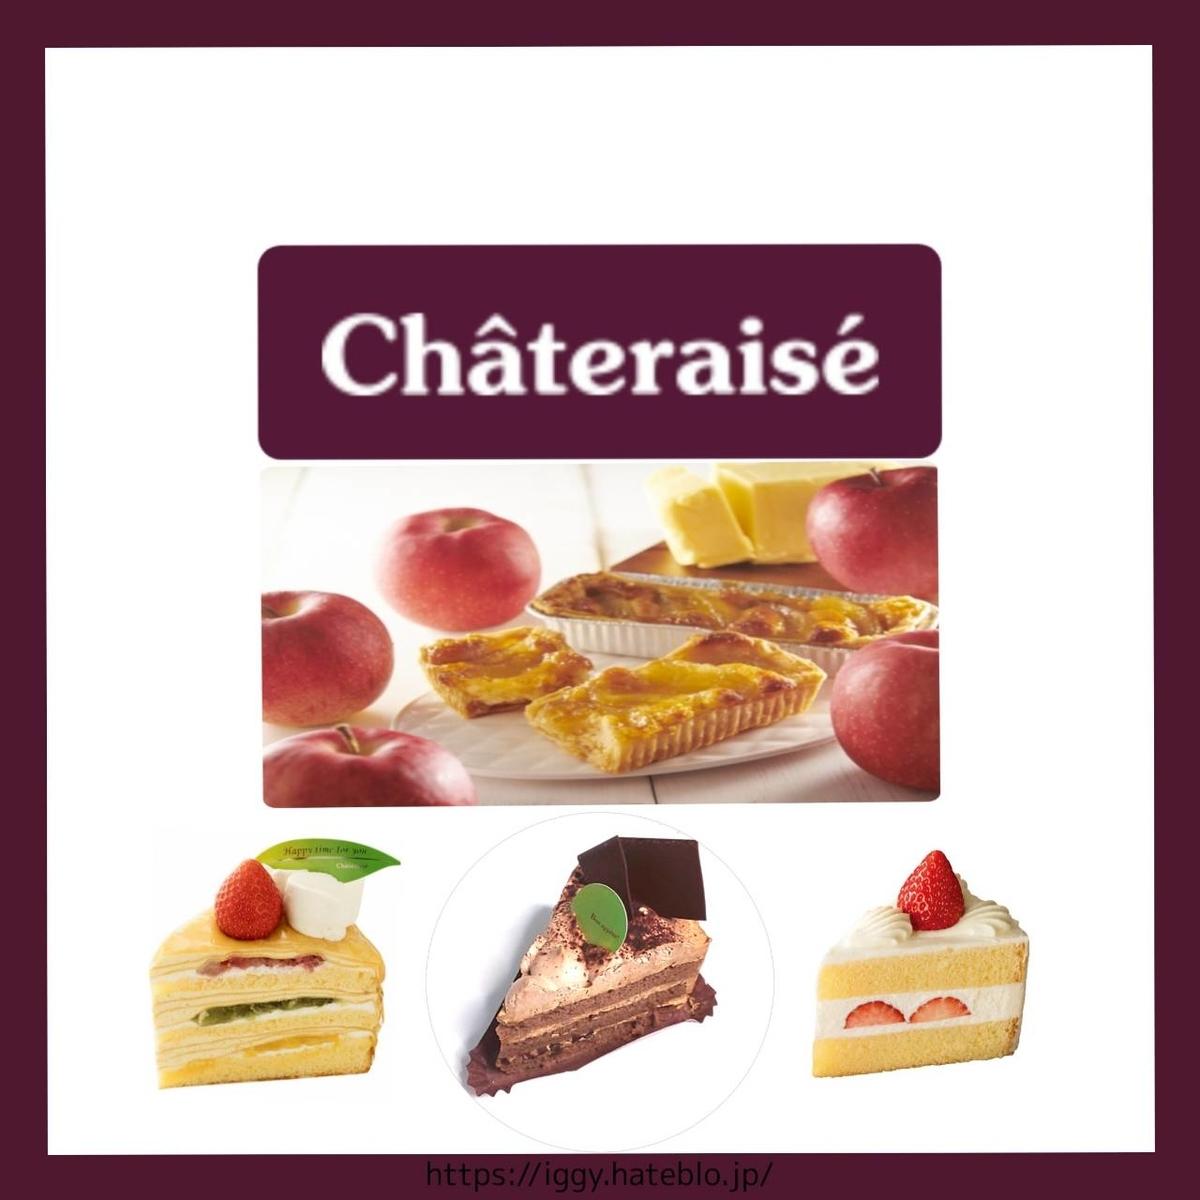 シャトレーゼ おすすめケーキ3種 国産りんごのアップルパイ LIFE